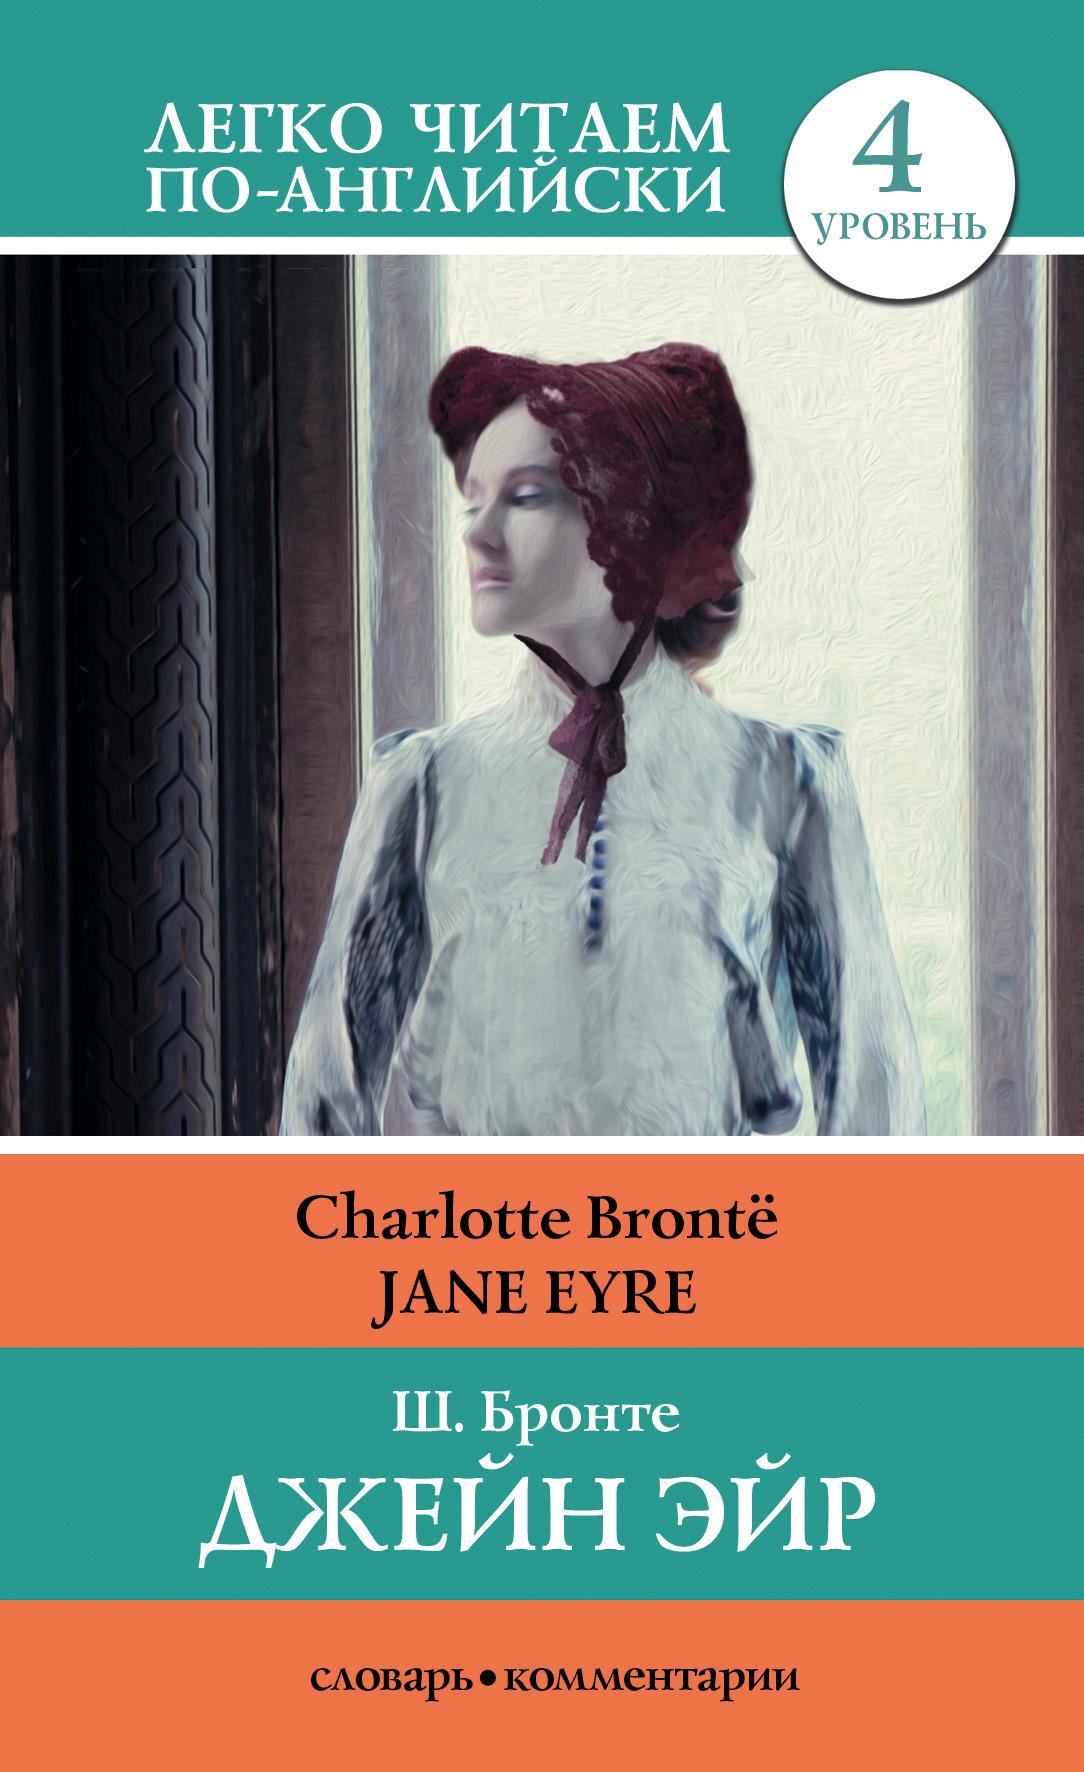 Шарлотта Бронте Джейн Эйр / Jane Eyre бронте ш джейн эйр jane eyre cd 3 й уровень